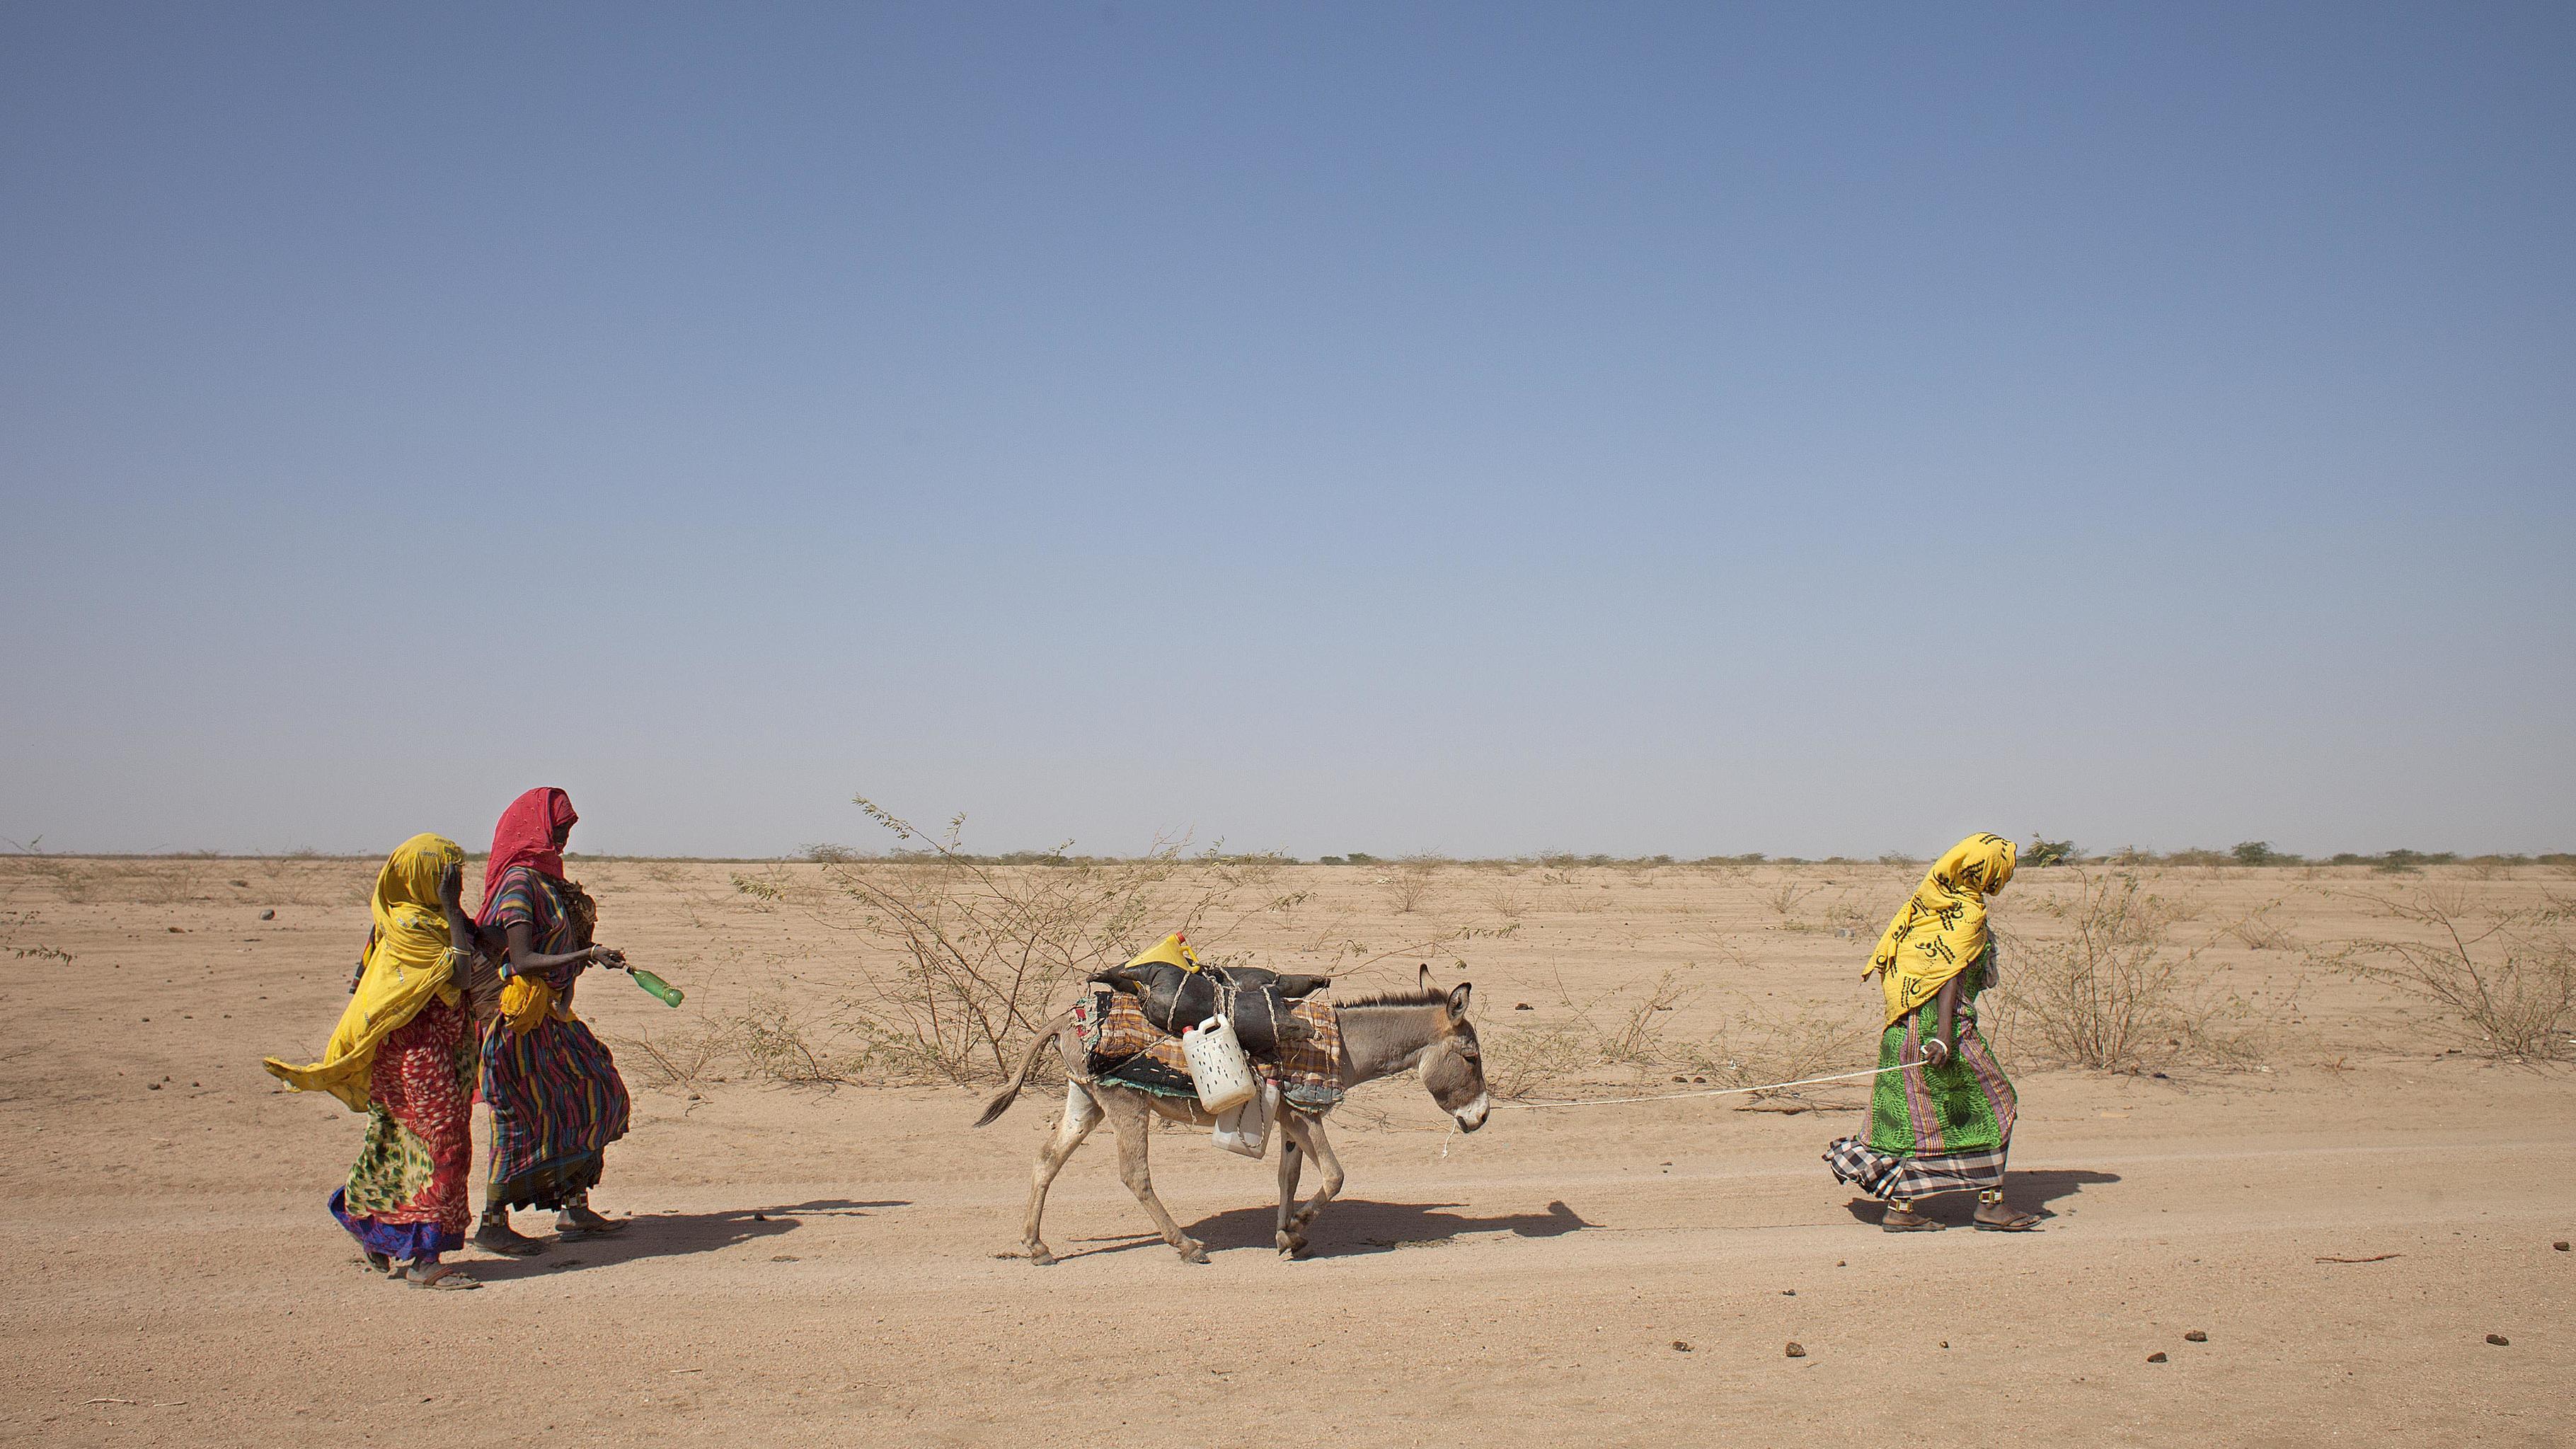 Habodo Gele und zwei Nachbarinnen kehren mit ihrem voll beladenen Esel vom Wassertank zurück.